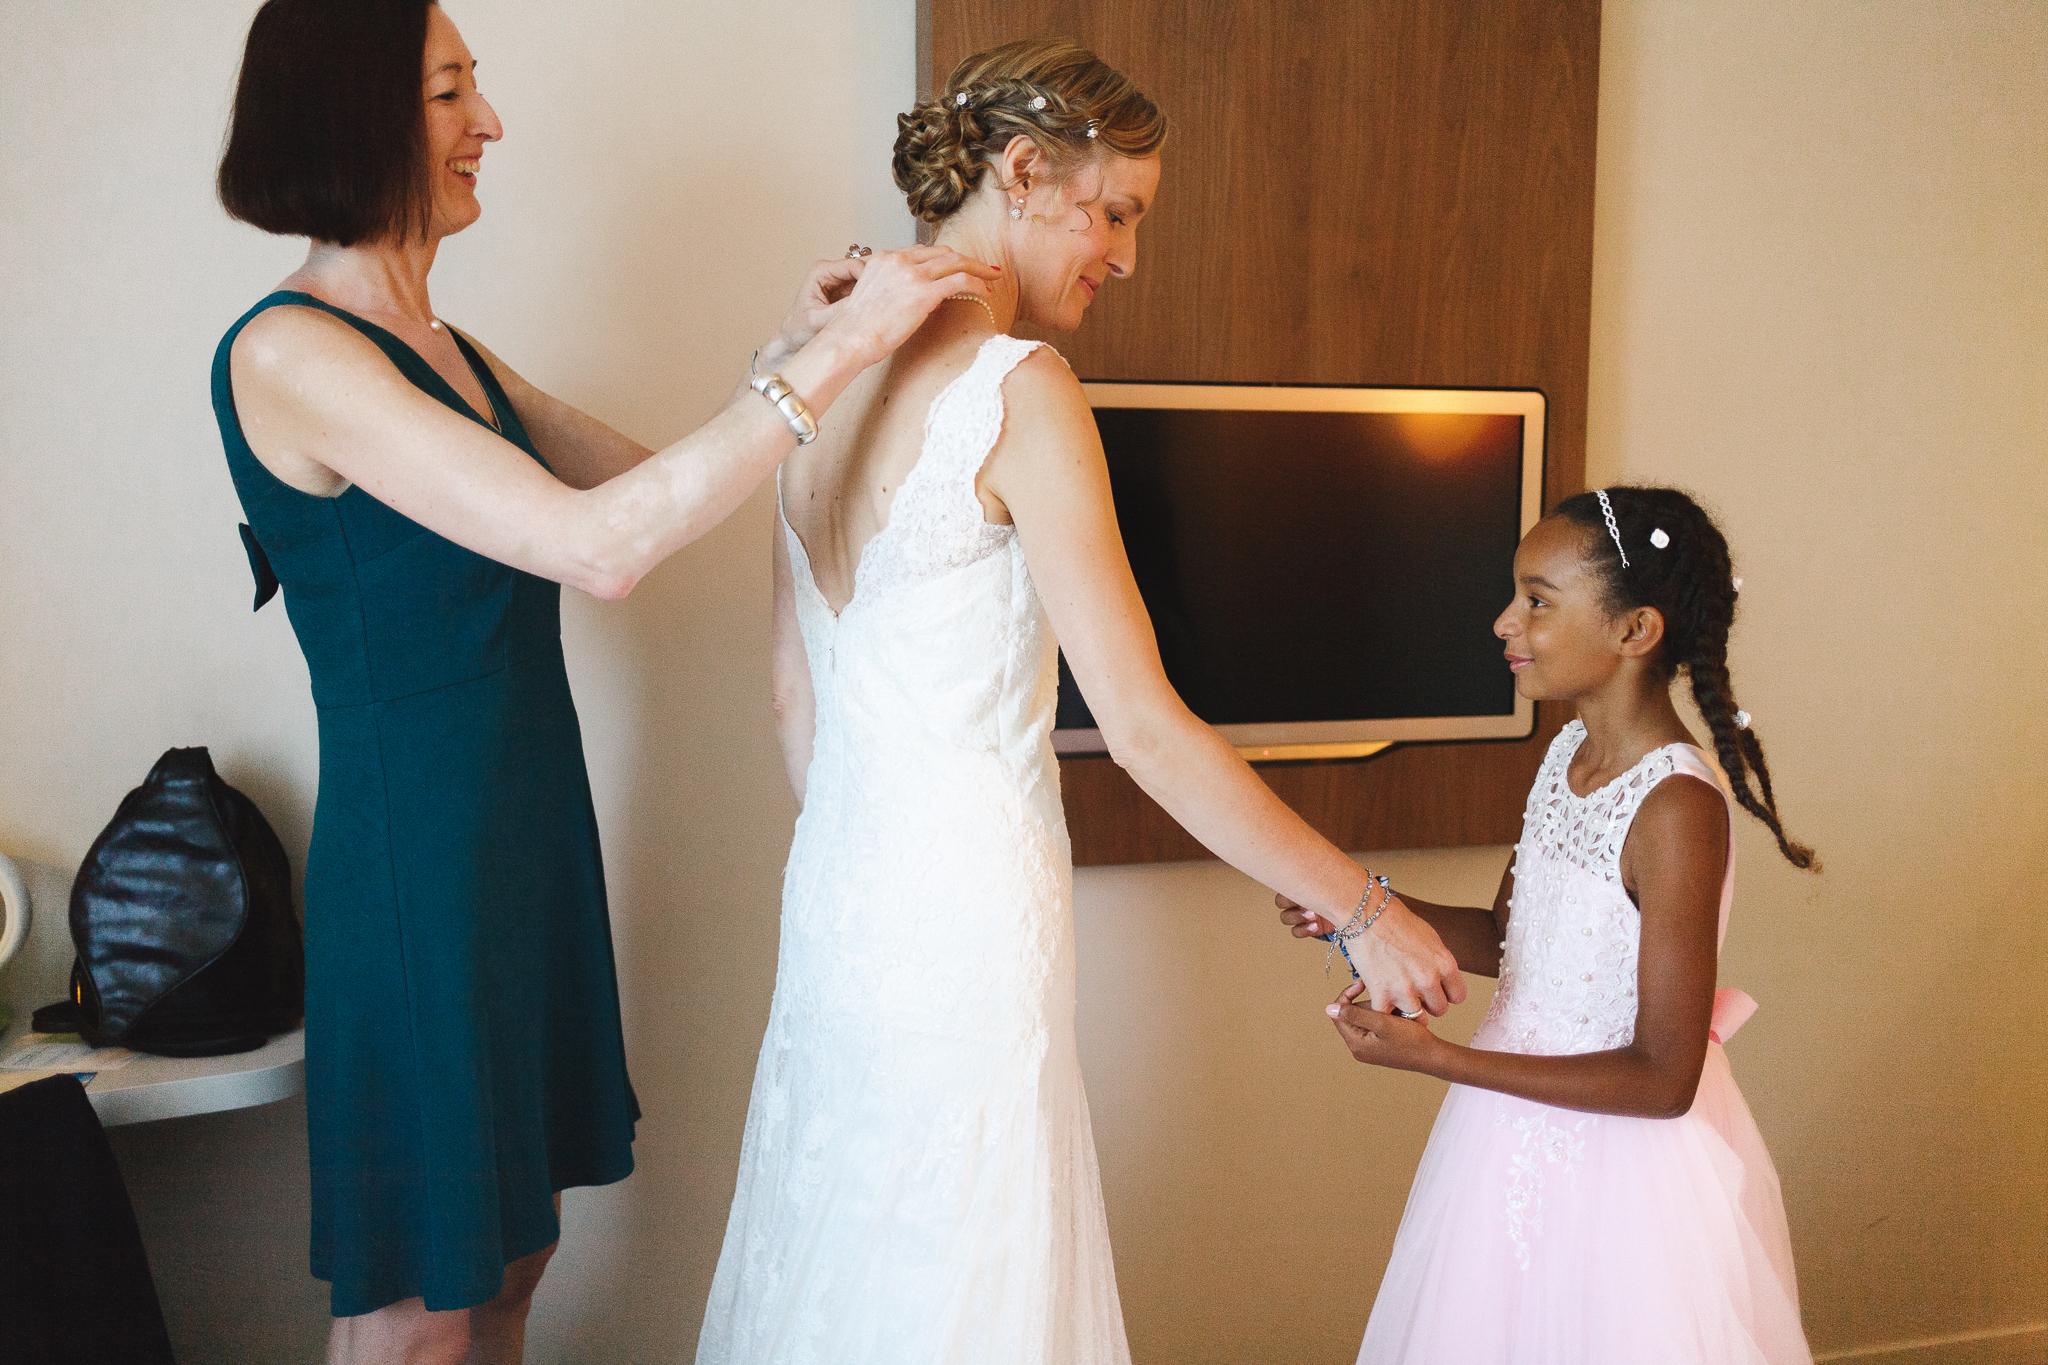 préparatif de la mariée habillage avec proches - photographe mariage Lille La Madeleine Verlinghem Nord Hauts de France